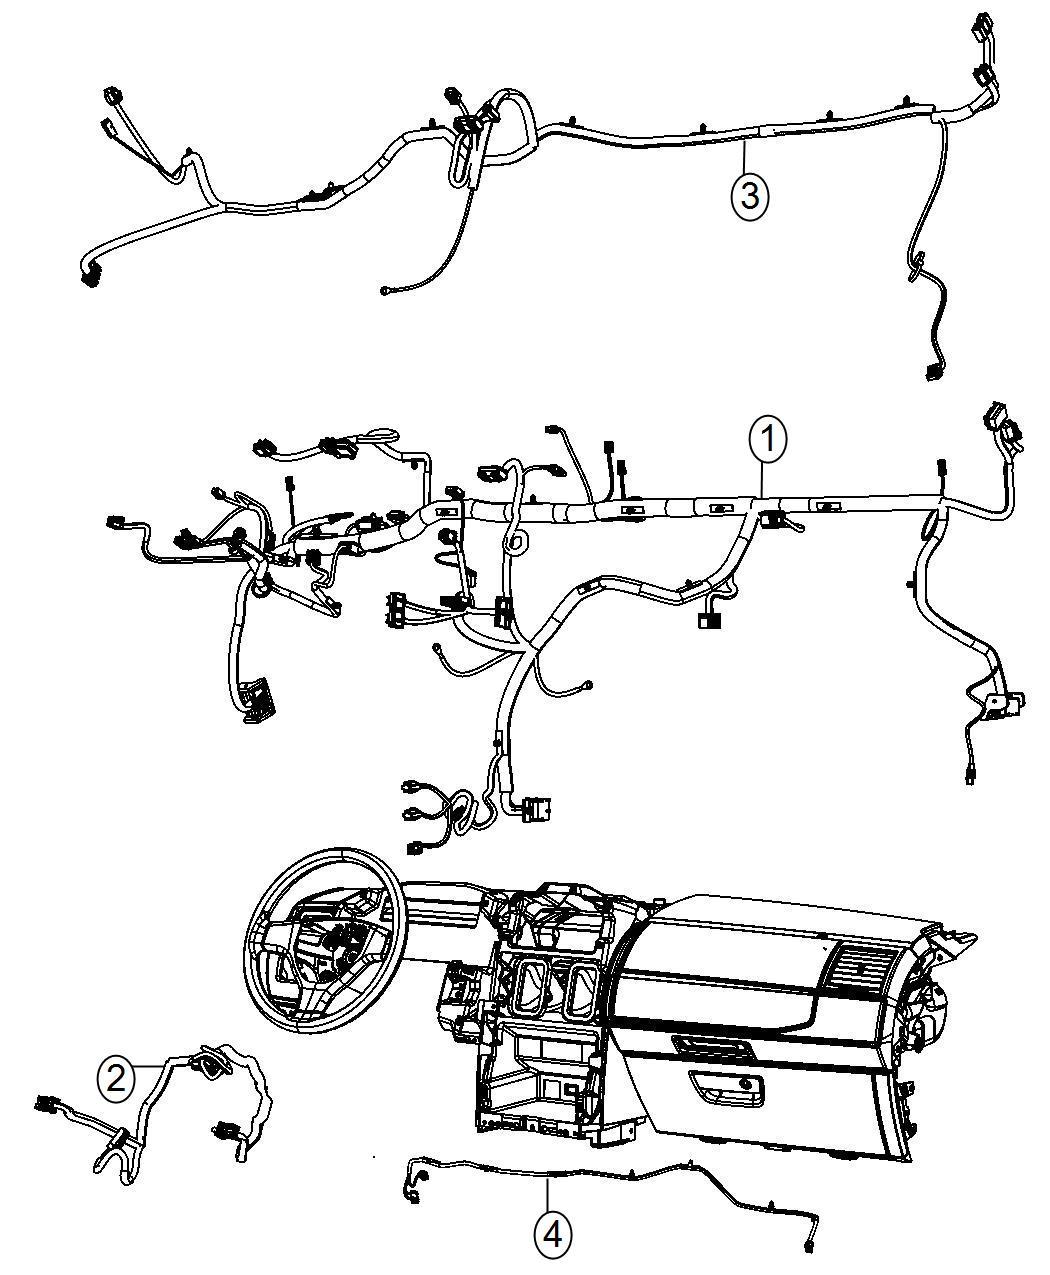 730n Wiring Diagram | Wiring Diagram